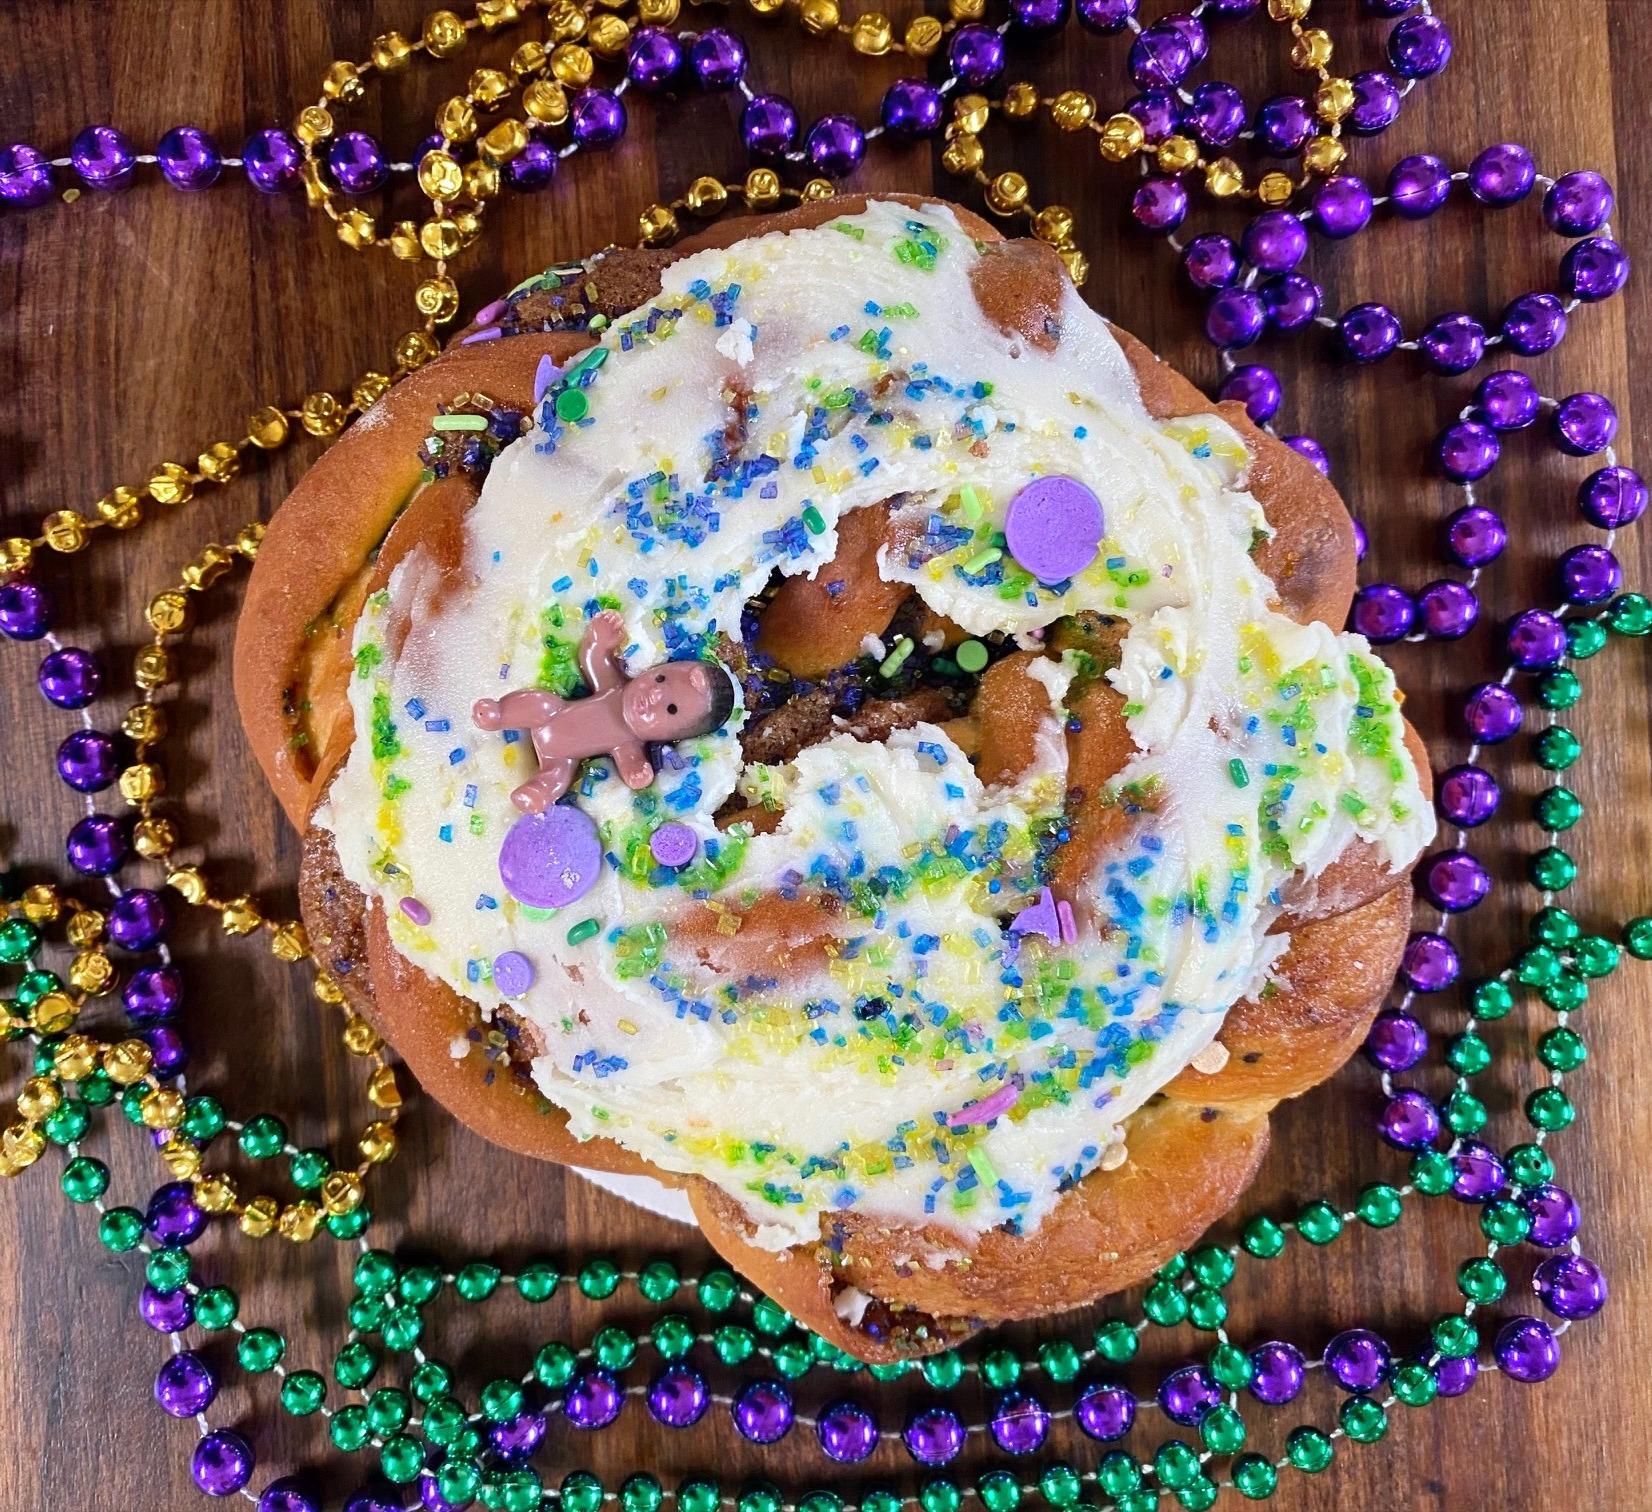 King Cake. Viola's Heritage Breads